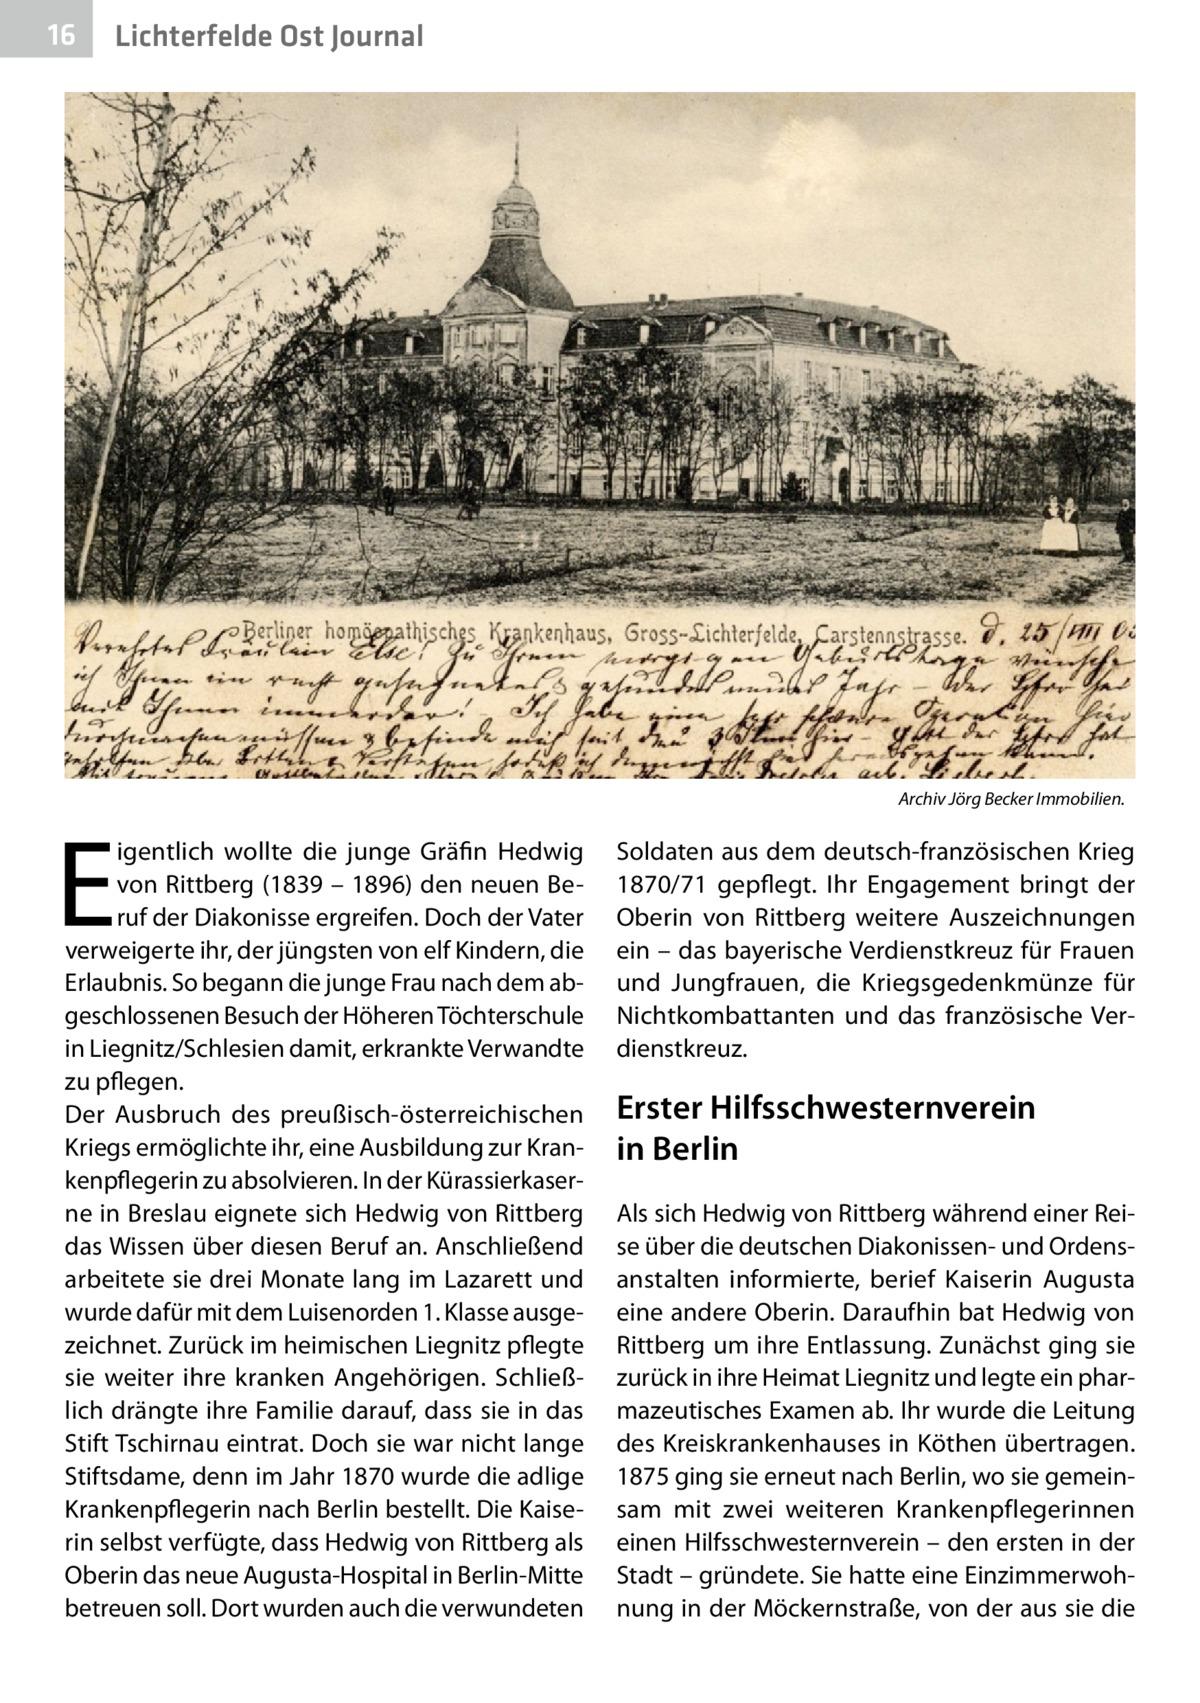 16  Lichterfelde Ost Journal  E  igentlich wollte die junge Gräfin Hedwig von Rittberg (1839 – 1896) den neuen Beruf der Diakonisse ergreifen. Doch der Vater verweigerte ihr, der jüngsten von elf Kindern, die Erlaubnis. So begann die junge Frau nach dem abgeschlossenen Besuch der Höheren Töchterschule in Liegnitz/Schlesien damit, erkrankte Verwandte zu pflegen. Der Ausbruch des preußisch-österreichischen Kriegs ermöglichte ihr, eine Ausbildung zur Krankenpflegerin zu absolvieren. In der Kürassierkaserne in Breslau eignete sich Hedwig von Rittberg das Wissen über diesen Beruf an. Anschließend arbeitete sie drei Monate lang im Lazarett und wurde dafür mit dem Luisenorden 1. Klasse ausgezeichnet. Zurück im heimischen Liegnitz pflegte sie weiter ihre kranken Angehörigen. Schließlich drängte ihre Familie darauf, dass sie in das Stift Tschirnau eintrat. Doch sie war nicht lange Stiftsdame, denn im Jahr 1870 wurde die adlige Krankenpflegerin nach Berlin bestellt. Die Kaiserin selbst verfügte, dass Hedwig von Rittberg als Oberin das neue Augusta-Hospital in Berlin-Mitte betreuen soll. Dort wurden auch die verwundeten  Archiv Jörg Becker Immobilien.  Soldaten aus dem deutsch-französischen Krieg 1870/71 gepflegt. Ihr Engagement bringt der Oberin von Rittberg weitere Auszeichnungen ein – das bayerische Verdienstkreuz für Frauen und Jungfrauen, die Kriegsgedenkmünze für Nichtkombattanten und das französische Verdienstkreuz.  Erster Hilfsschwesternverein in Berlin Als sich Hedwig von Rittberg während einer Reise über die deutschen Diakonissen- und Ordensanstalten informierte, berief Kaiserin Augusta eine andere Oberin. Daraufhin bat Hedwig von Rittberg um ihre Entlassung. Zunächst ging sie zurück in ihre Heimat Liegnitz und legte ein pharmazeutisches Examen ab. Ihr wurde die Leitung des Kreiskrankenhauses in Köthen übertragen. 1875 ging sie erneut nach Berlin, wo sie gemeinsam mit zwei weiteren Krankenpflegerinnen einen Hilfsschwesternverein – den ersten in der Stadt – gründete.